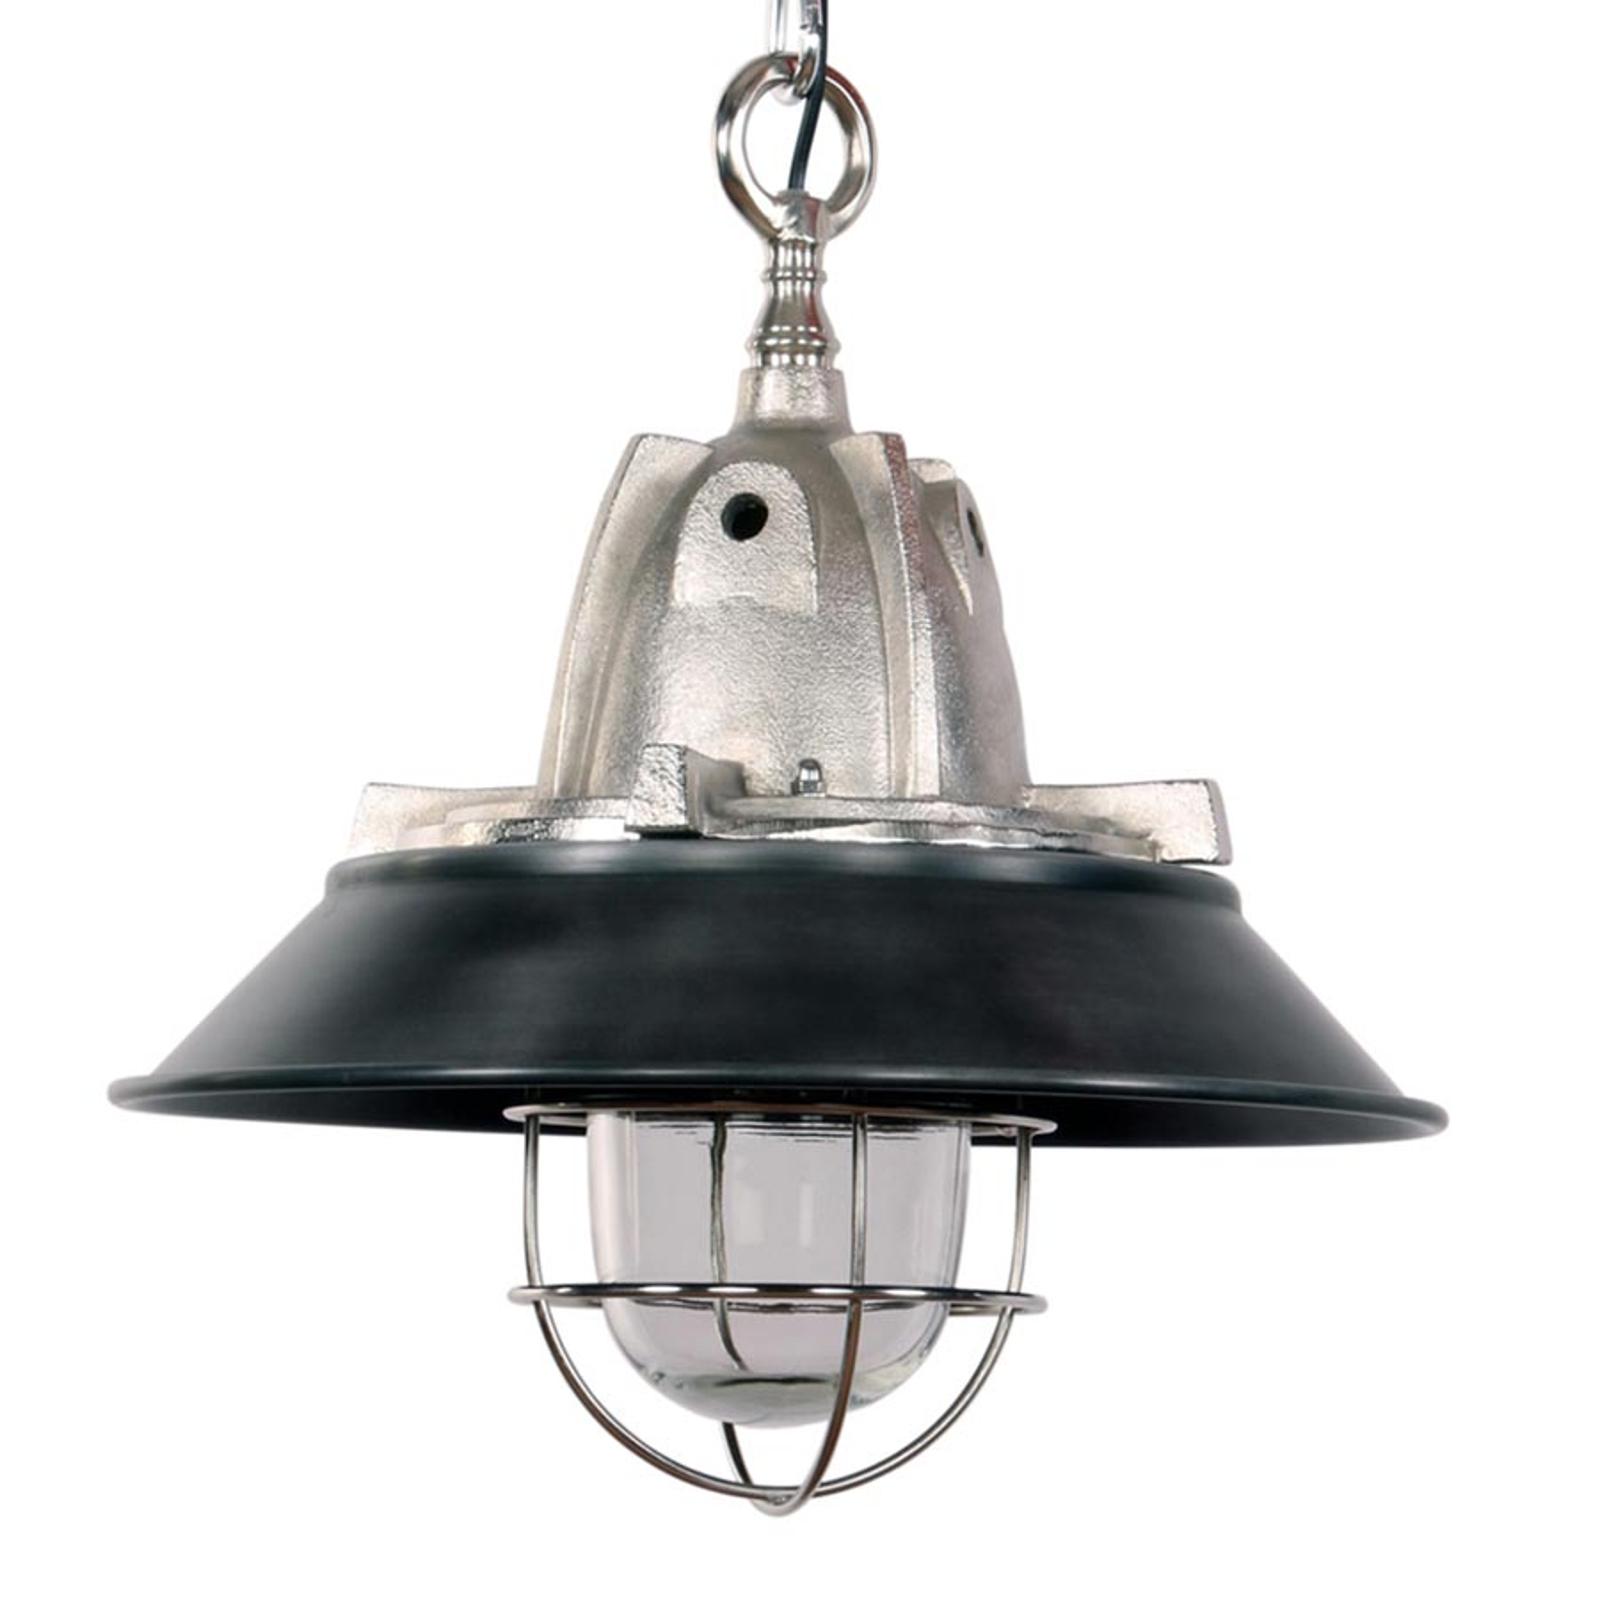 Industrieel vormgegeven hanglamp Tuk